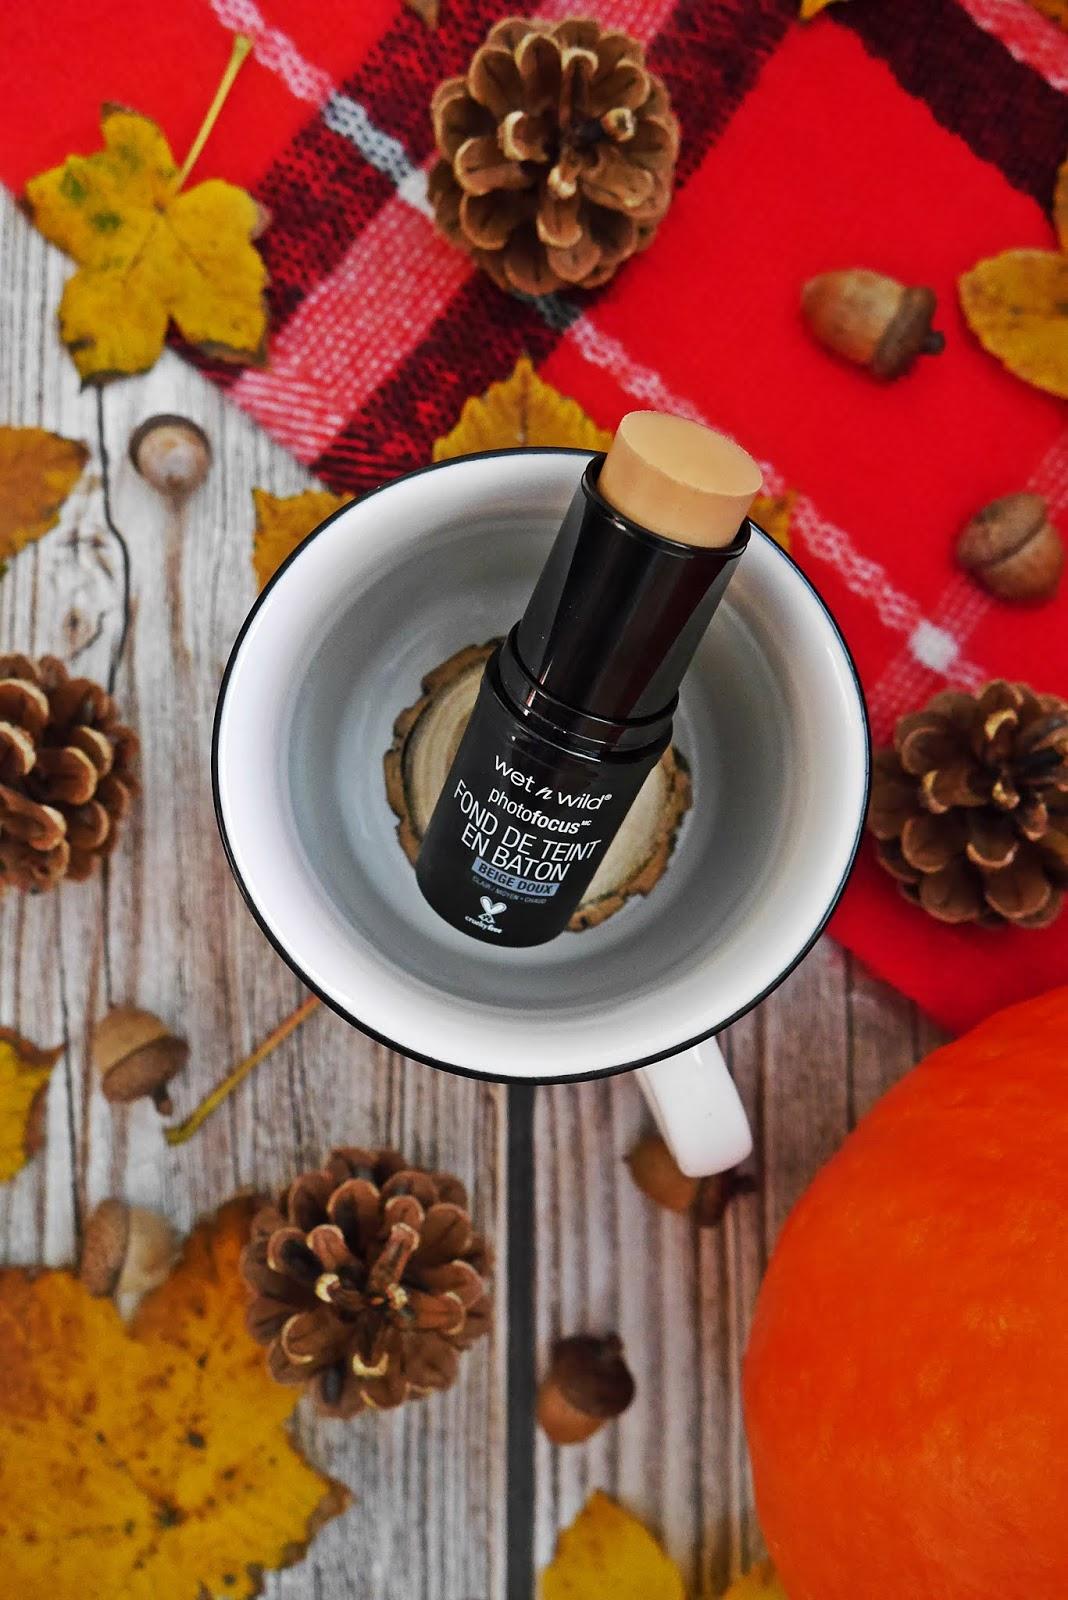 Wet n wild kosmetyki bronzer pomadka podkład w sztyfcie cień do powiek tusz do rzęs karyn blog modowy blogerka modowa urodowa puławy